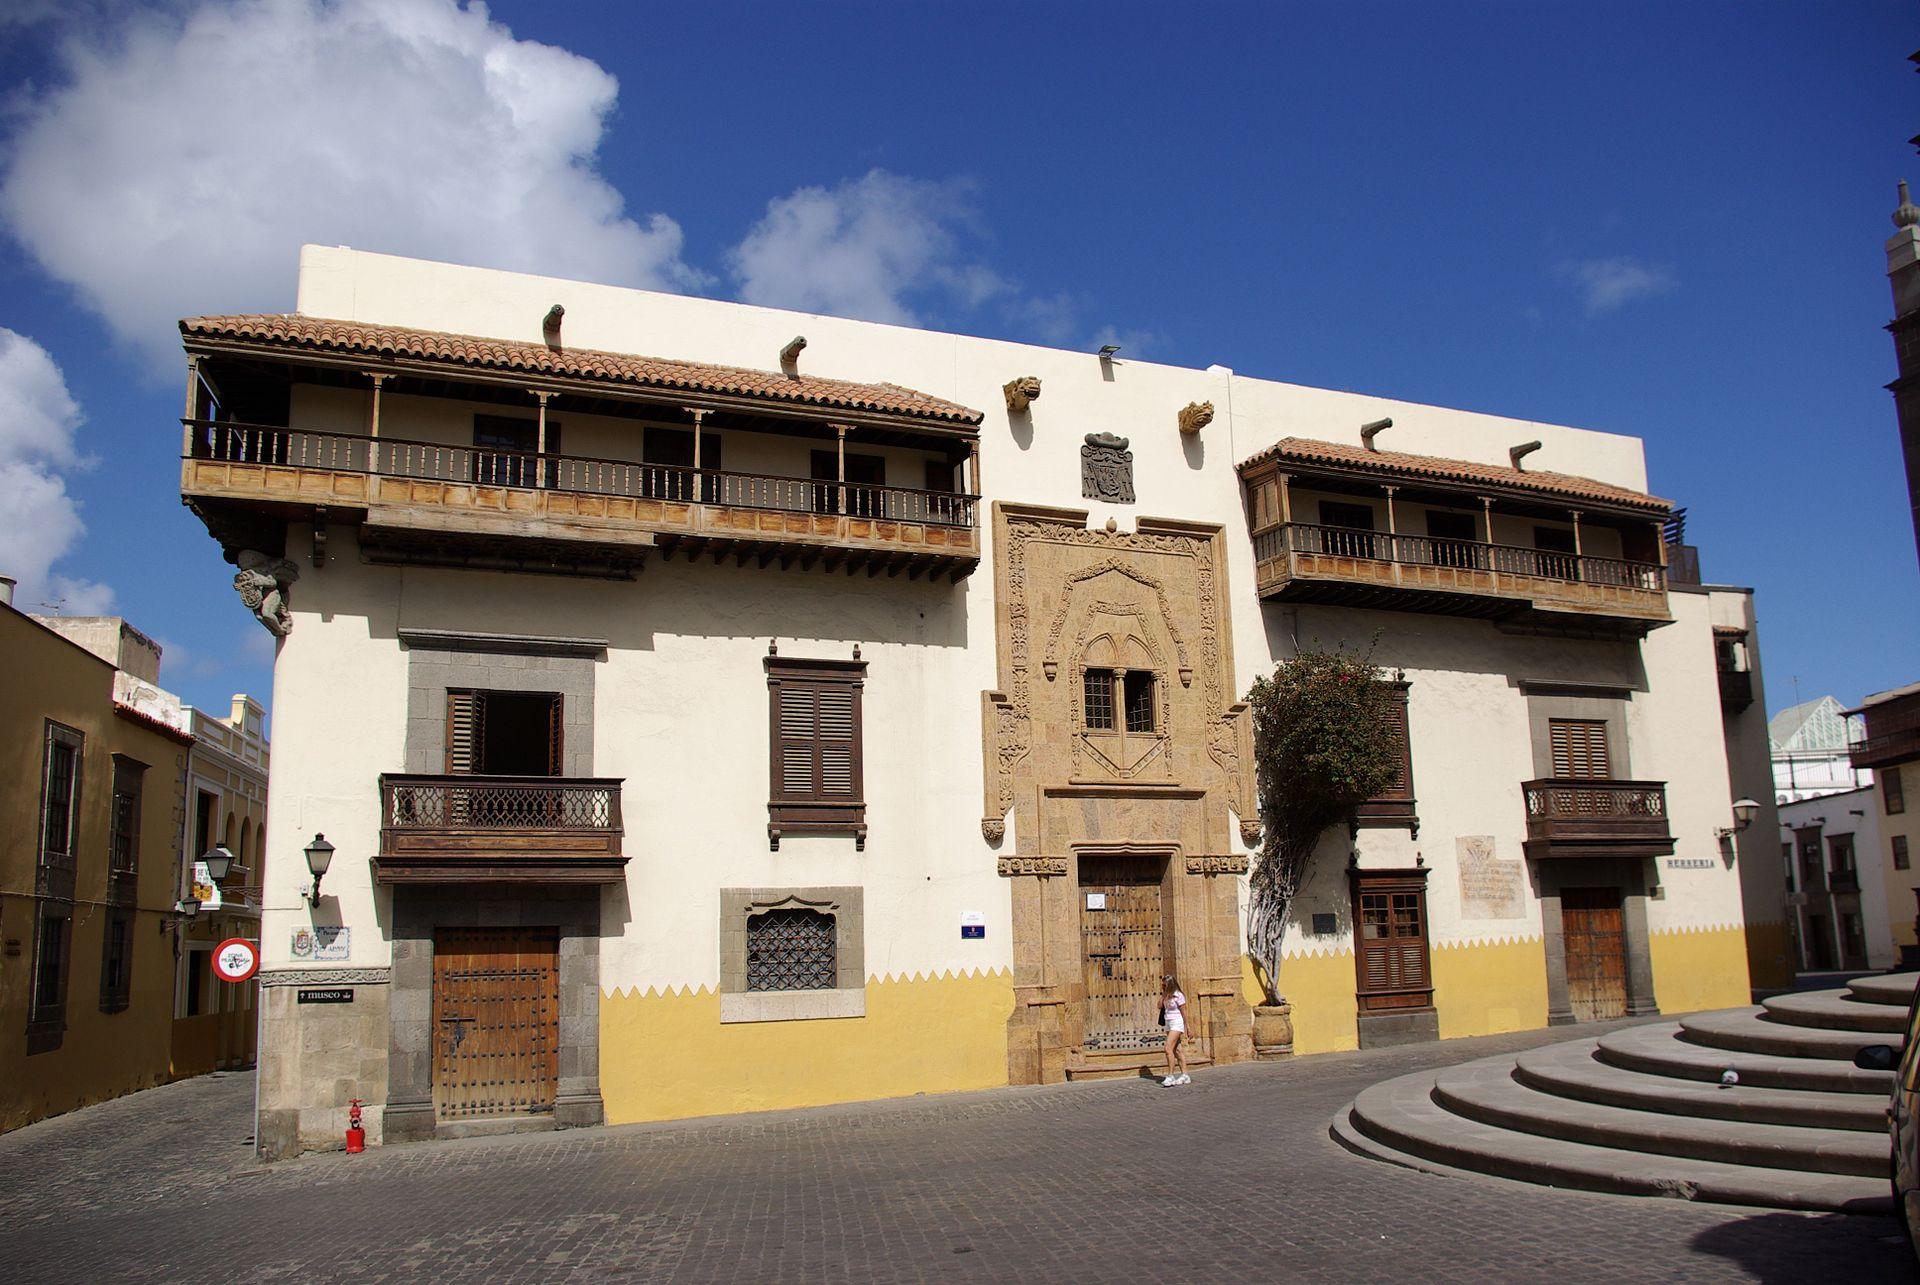 Casa de Coln Las Palmas de Gran Canaria  Wikipedia la